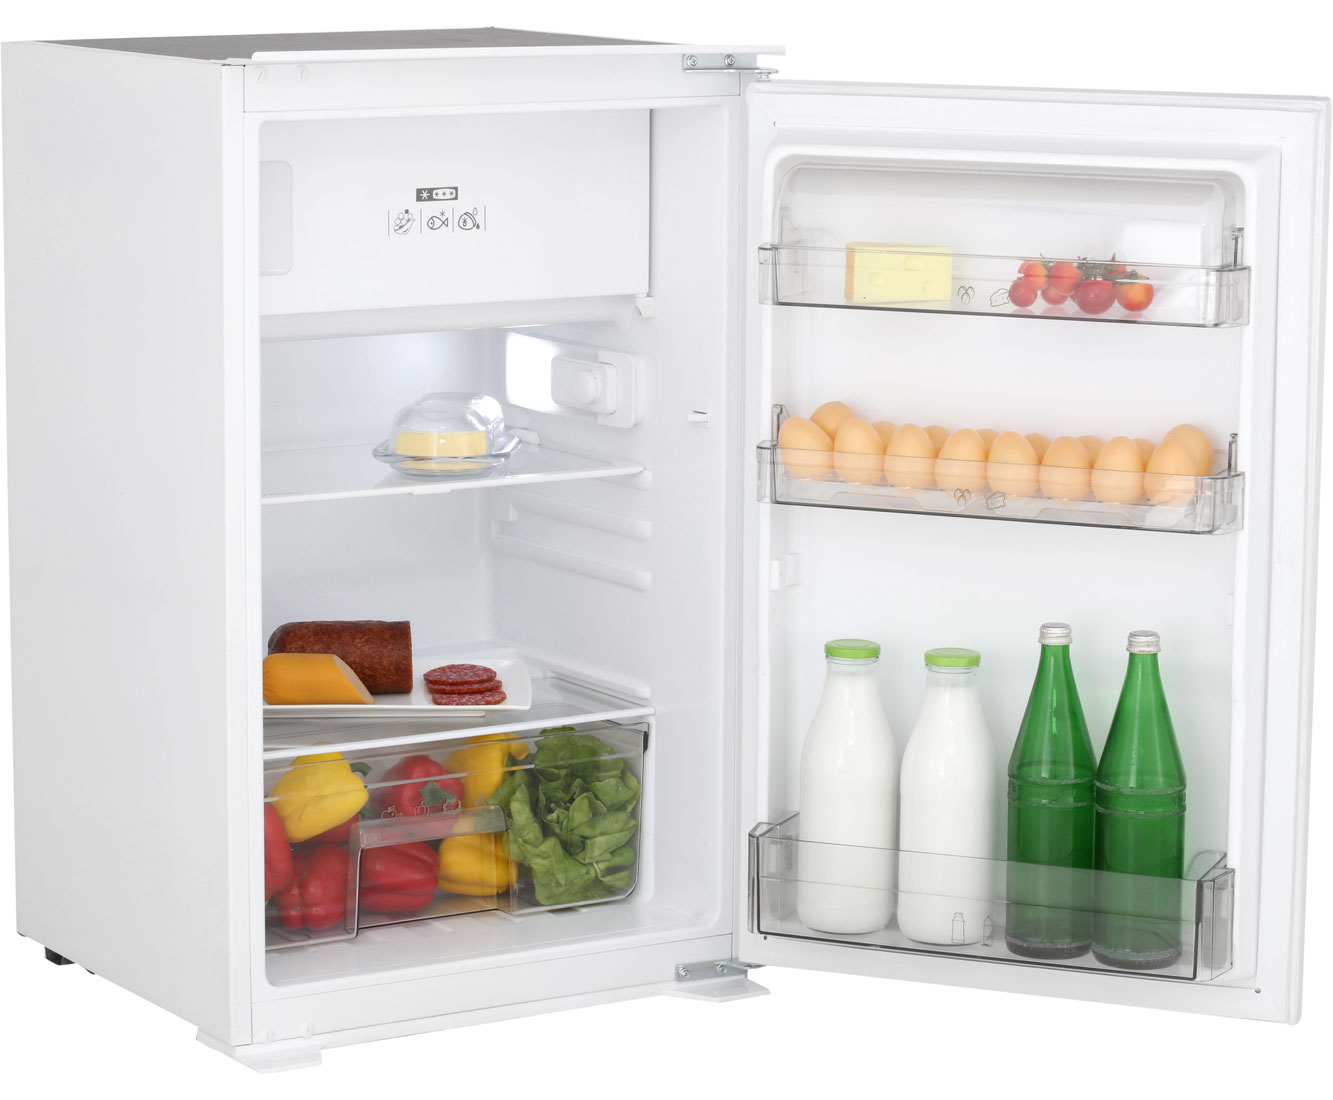 Bomann Kühlschrank Liegend Transportieren : Smeg kühlschrank liegend transportieren kühlschrank entsorgen wie